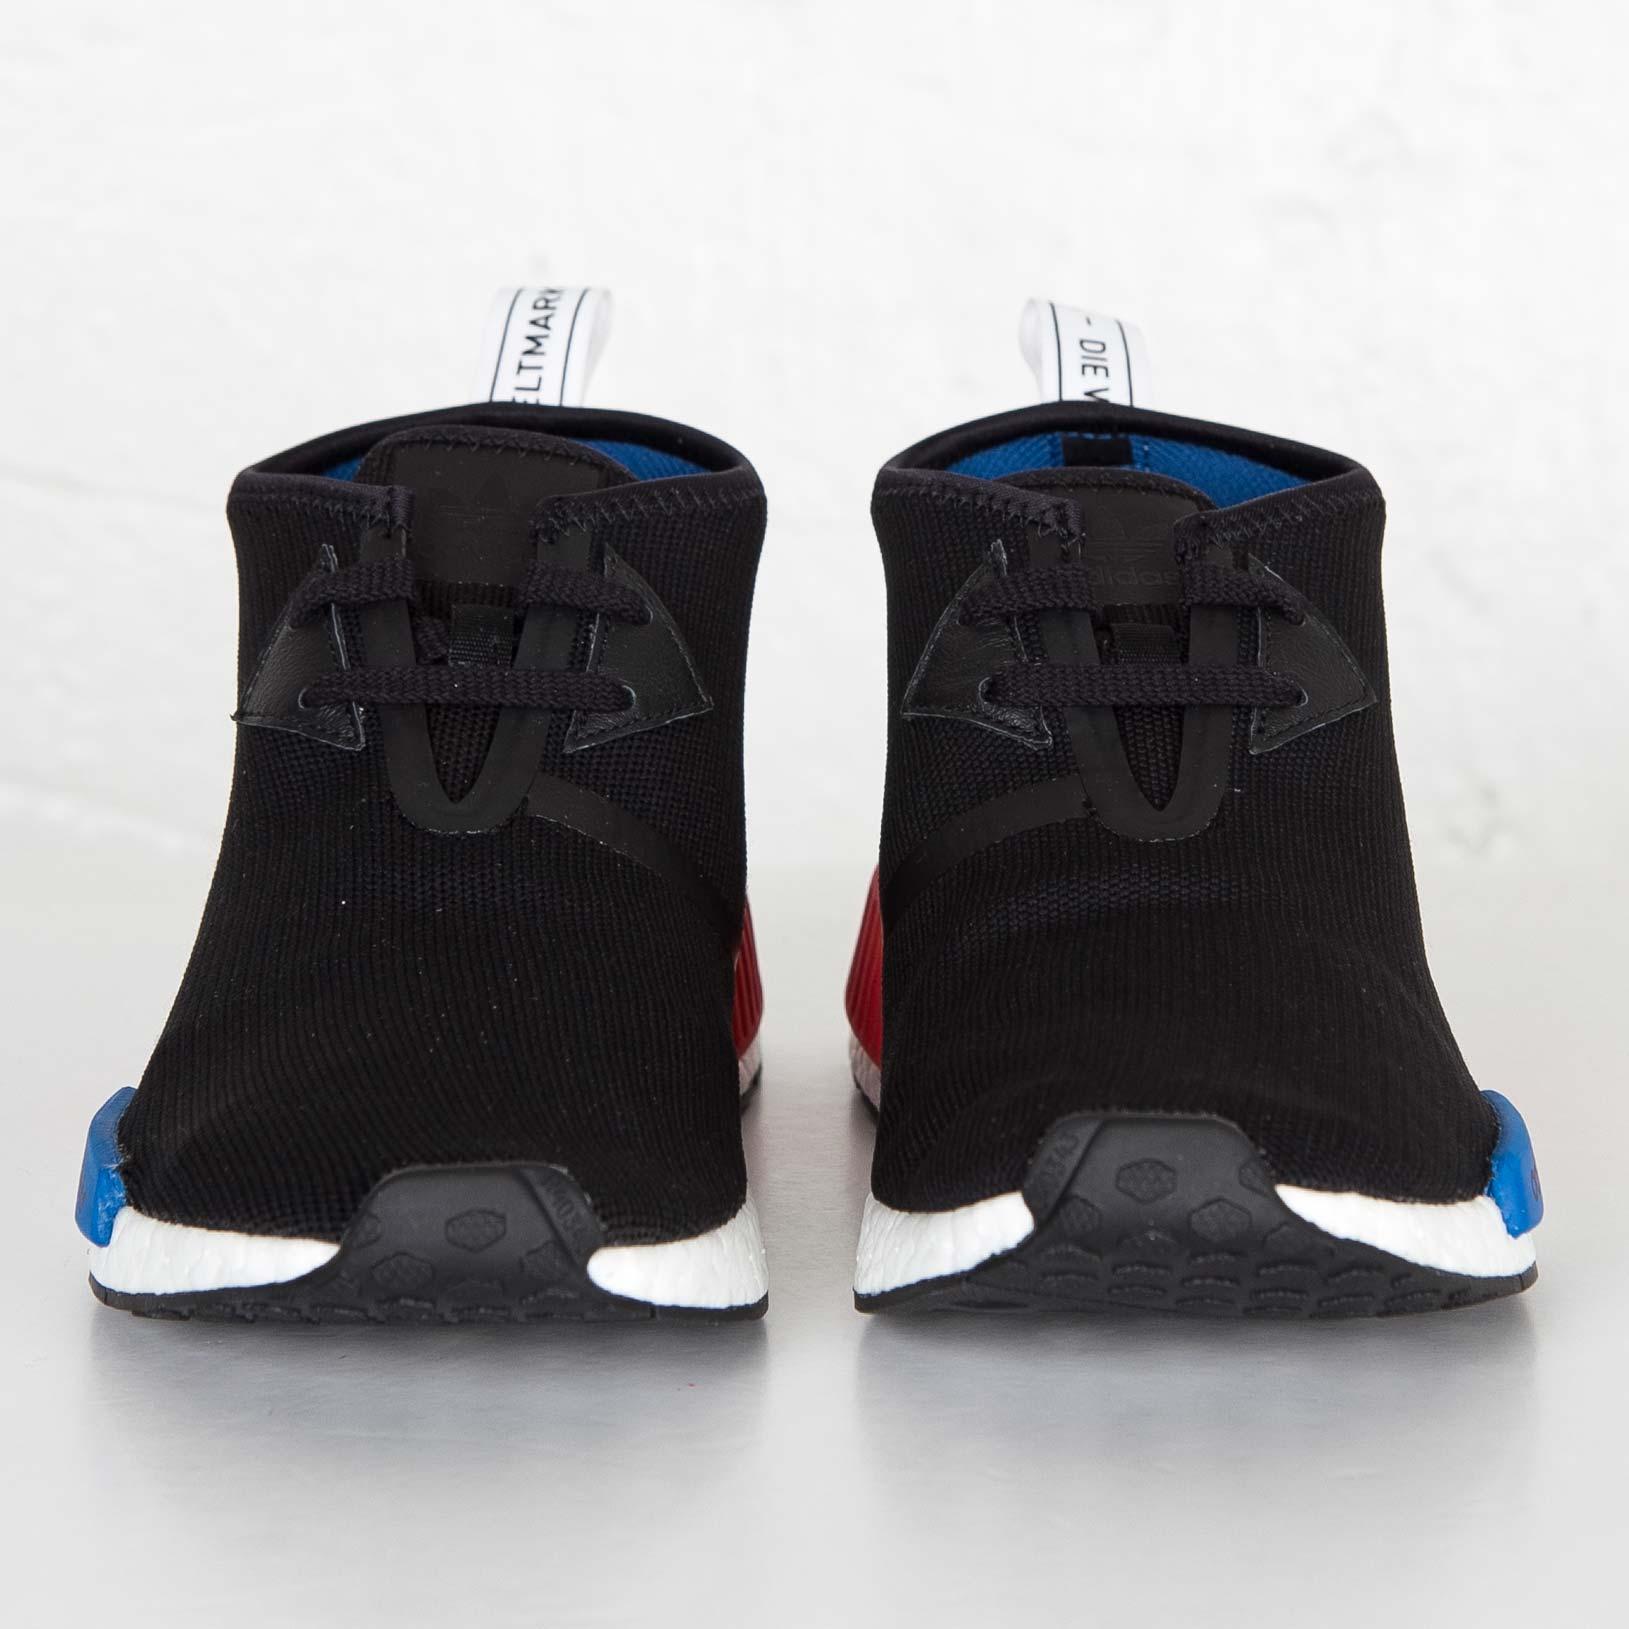 Adidas Originals Nmd C1 CORE BLACK LUSH RED S79148